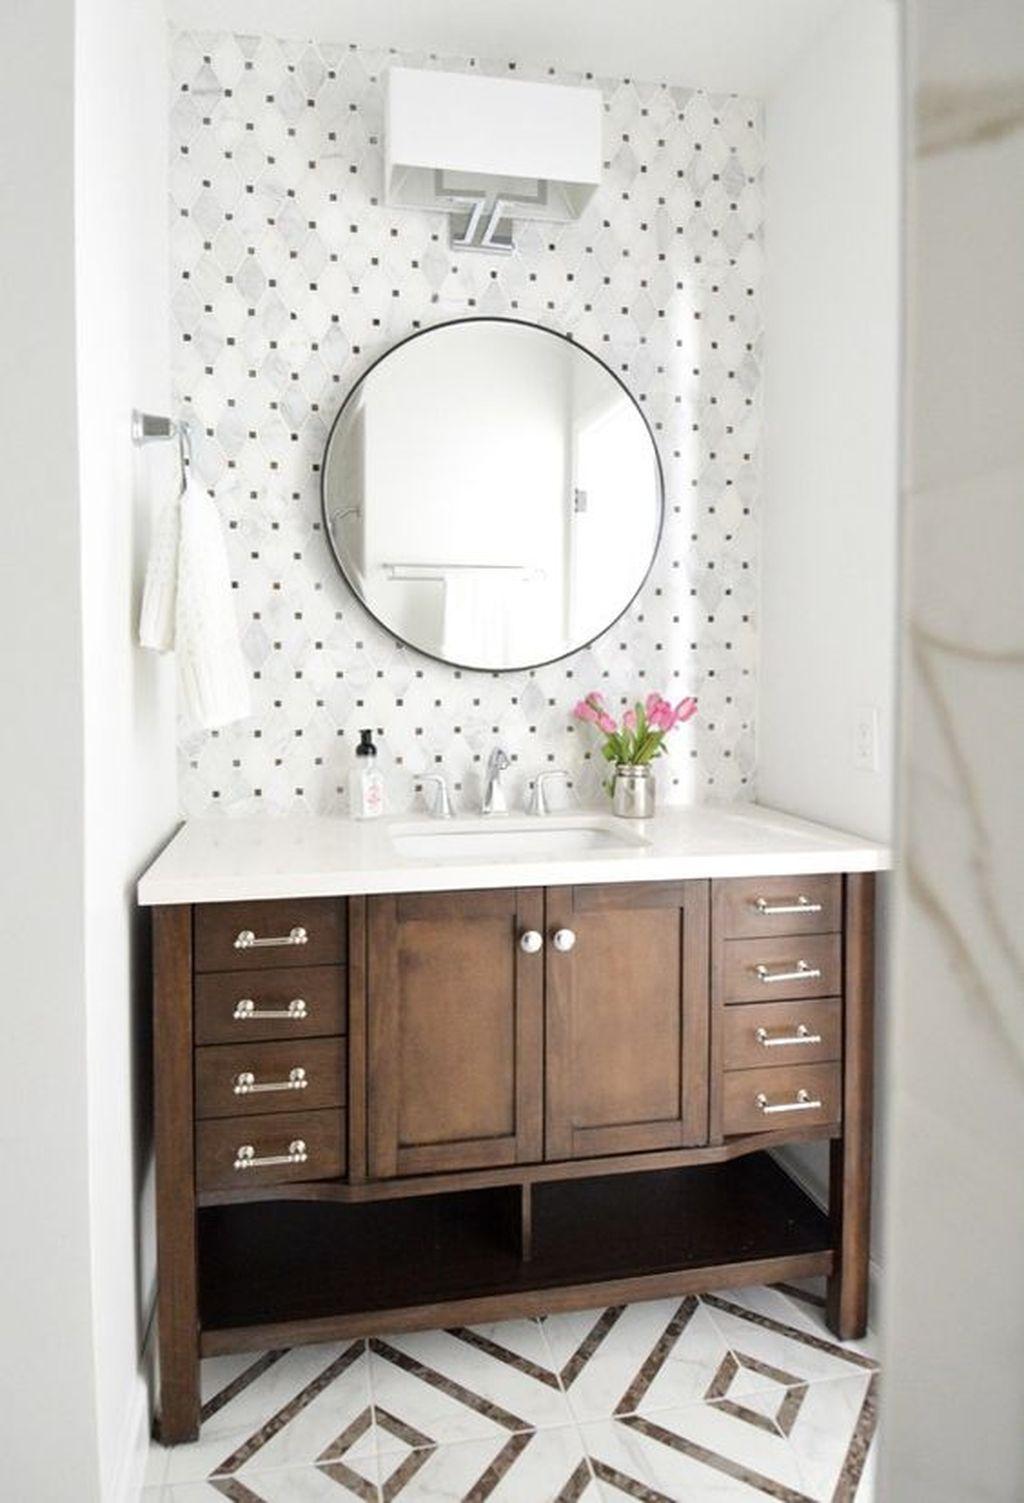 awesome 64 Inspiring Rustic Bathroom Vanity Remodel Ideas https ...